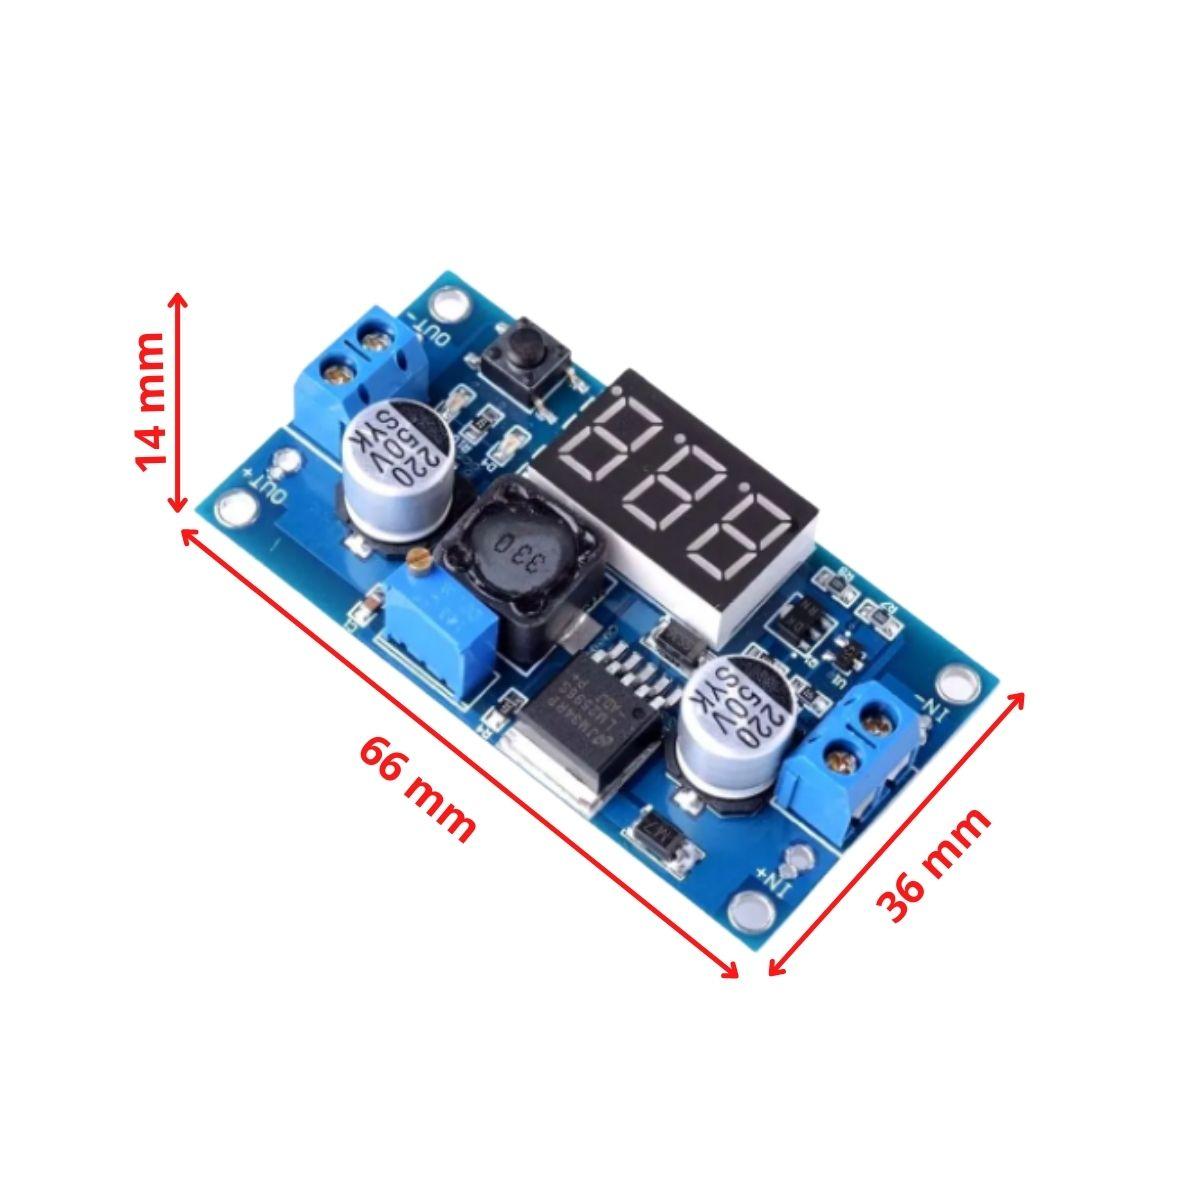 KIT Carregador Universal para BMS 1s 2s 3s 4s 5s